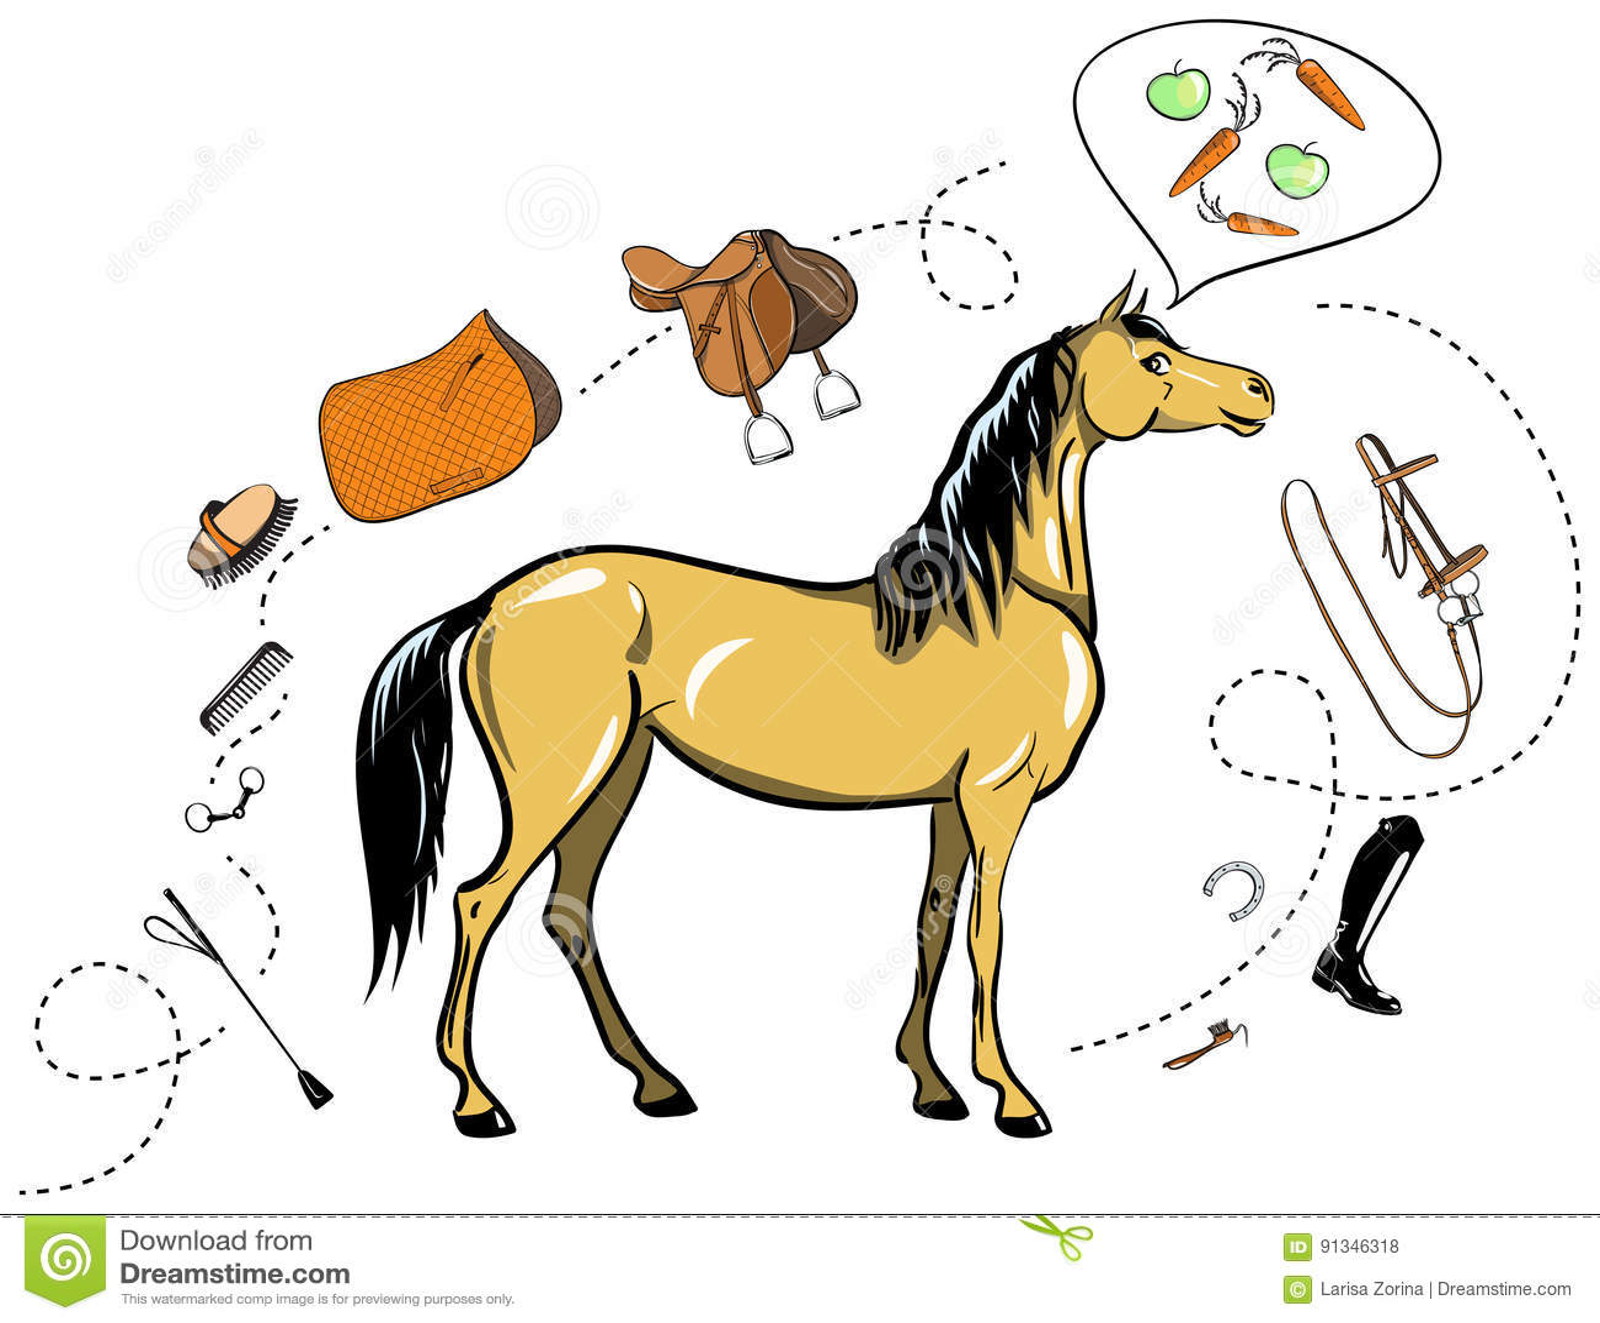 Тэкс лошади и верховой езды Взнуздайте, оседлайте, стремя, щетка, бит, проводка, поставки, взбейте equine оборудования проводки